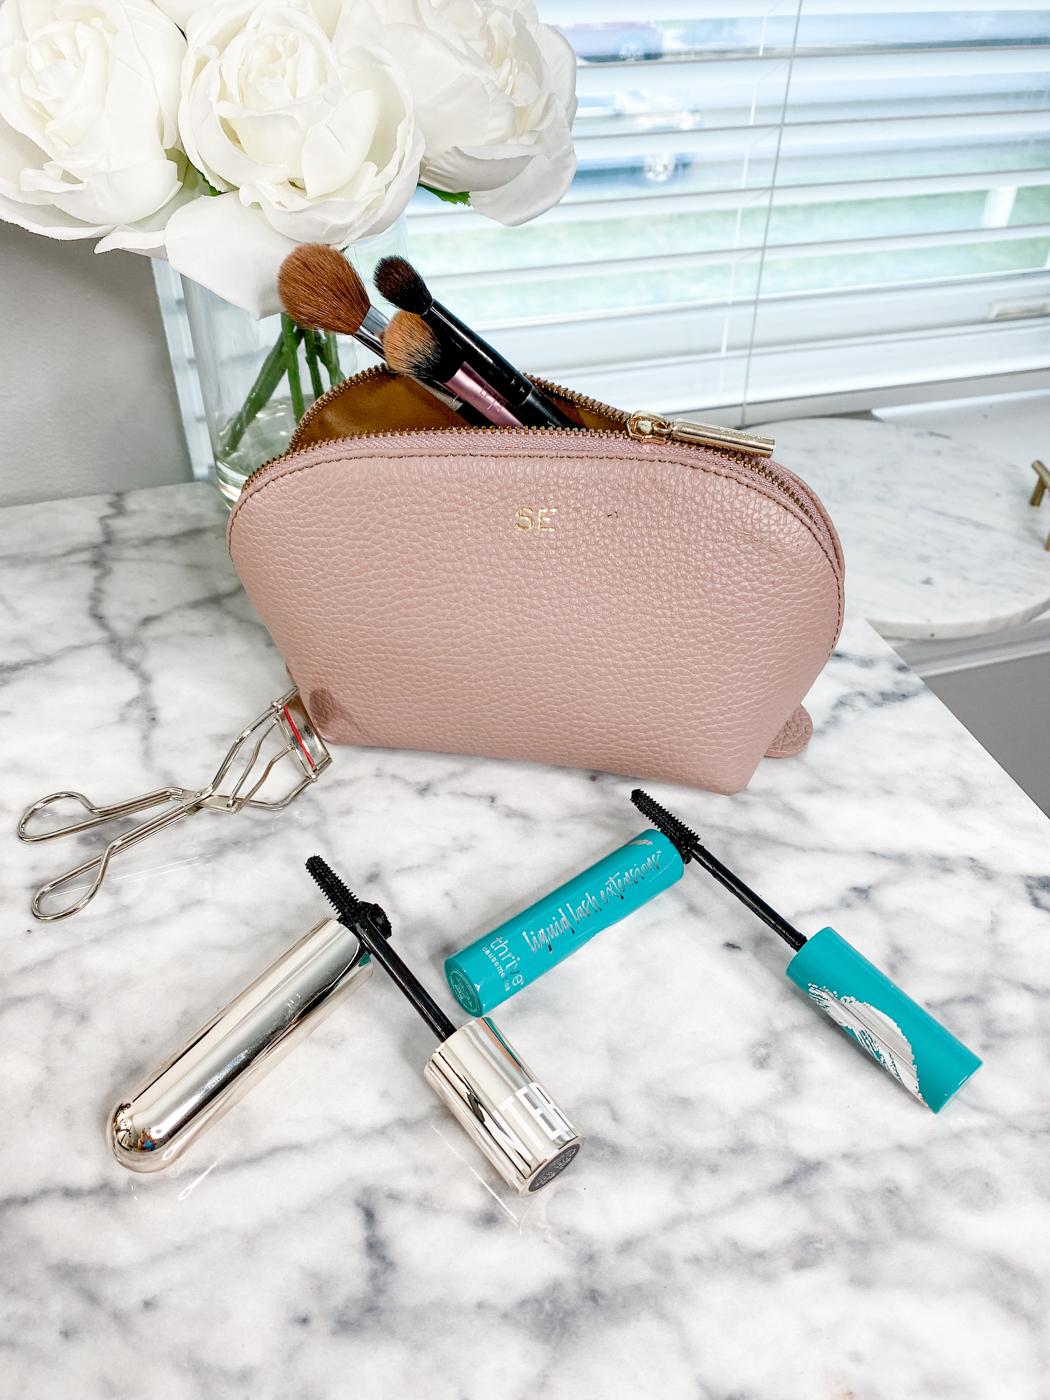 Beautycounter Think Big Mascara wand vs Thrive Causemetics Mascara Wand